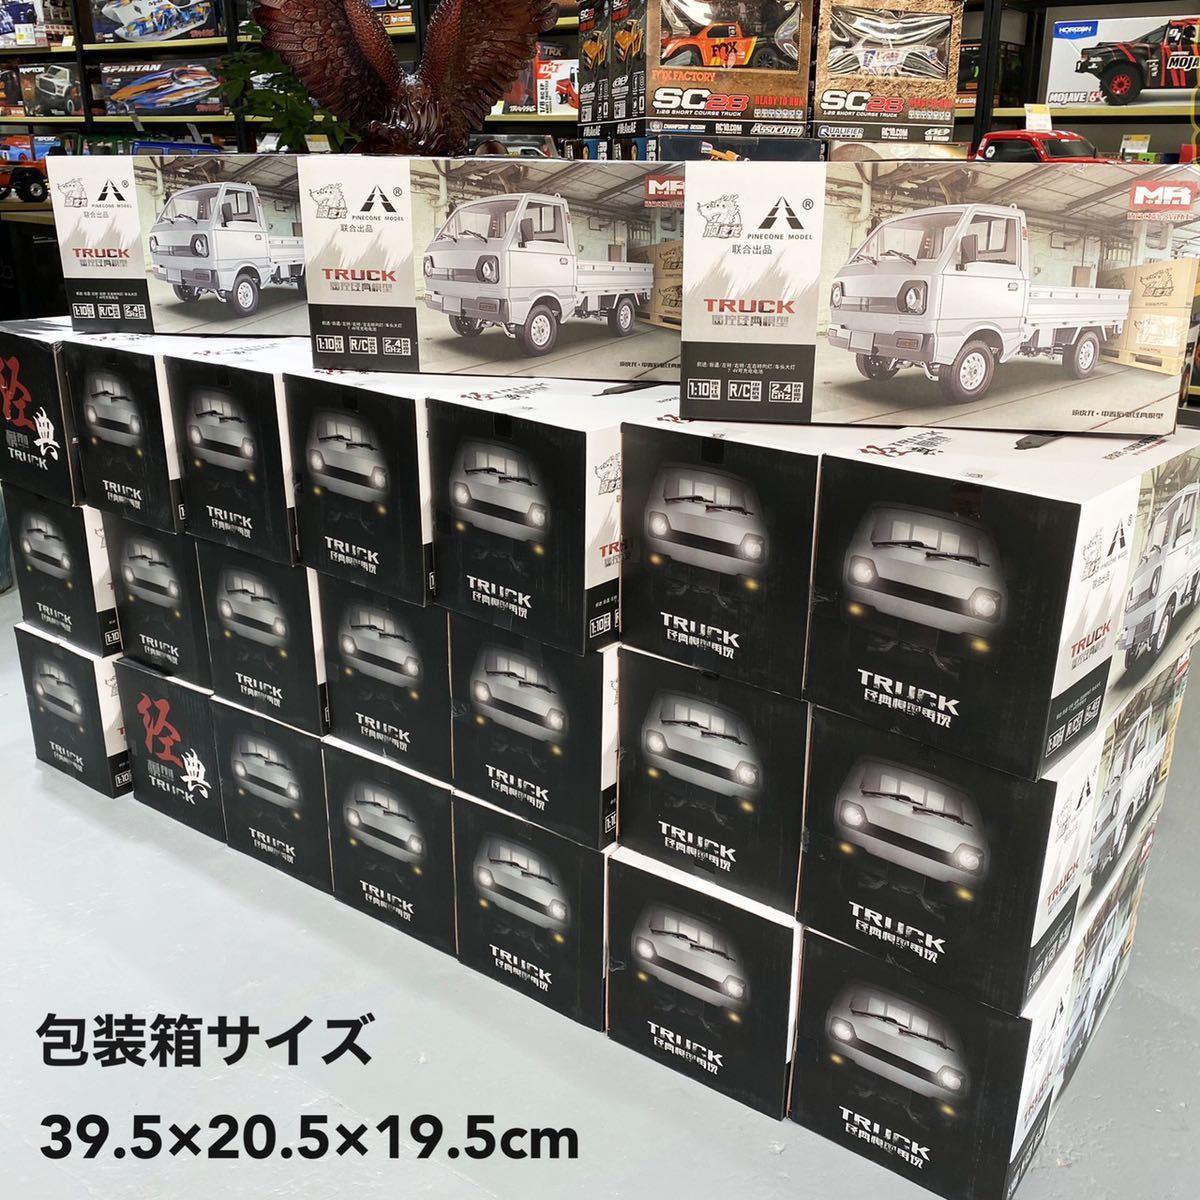 WPL 軽トラ ラジコンカー 1/10 全2種 RTR ミッドシップ MR 軽トラック RC 車 トラック 2WD リヤ駆動 D-12型 バッテリー付 ドリフト可能_画像7